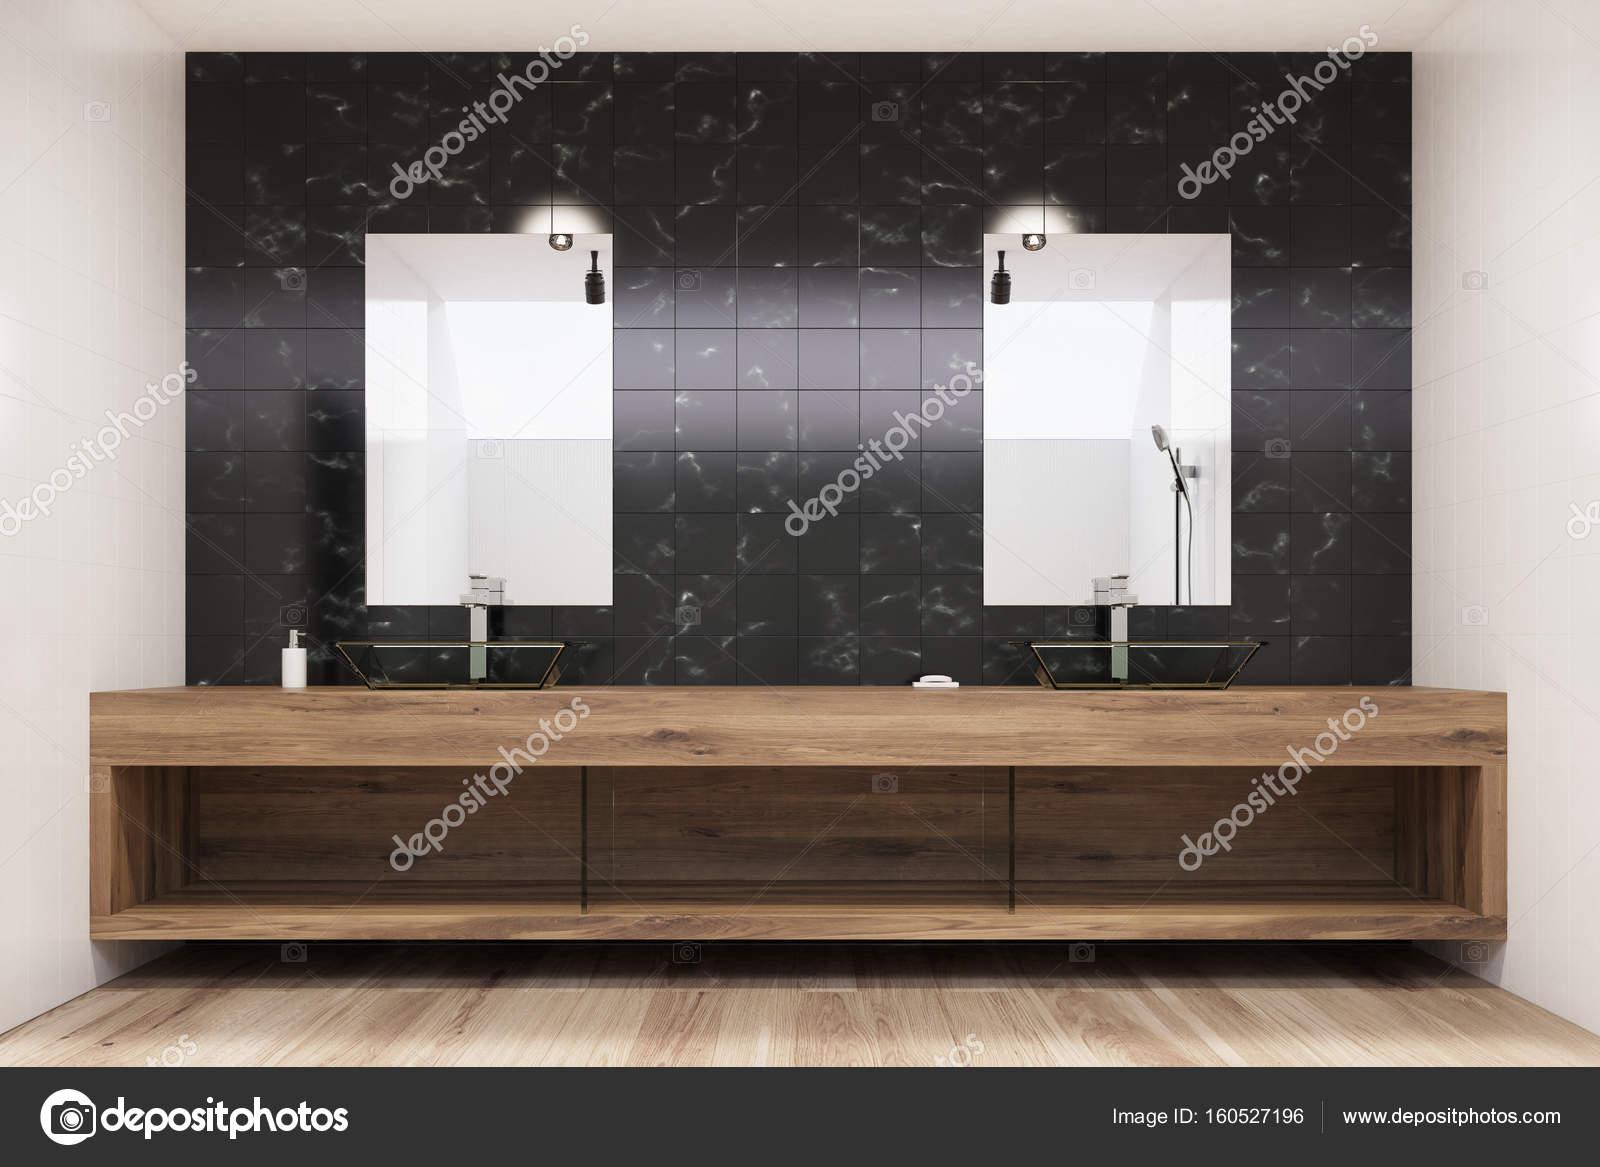 Nero piastrelle interni bagno due lavandini verticale u2014 foto stock